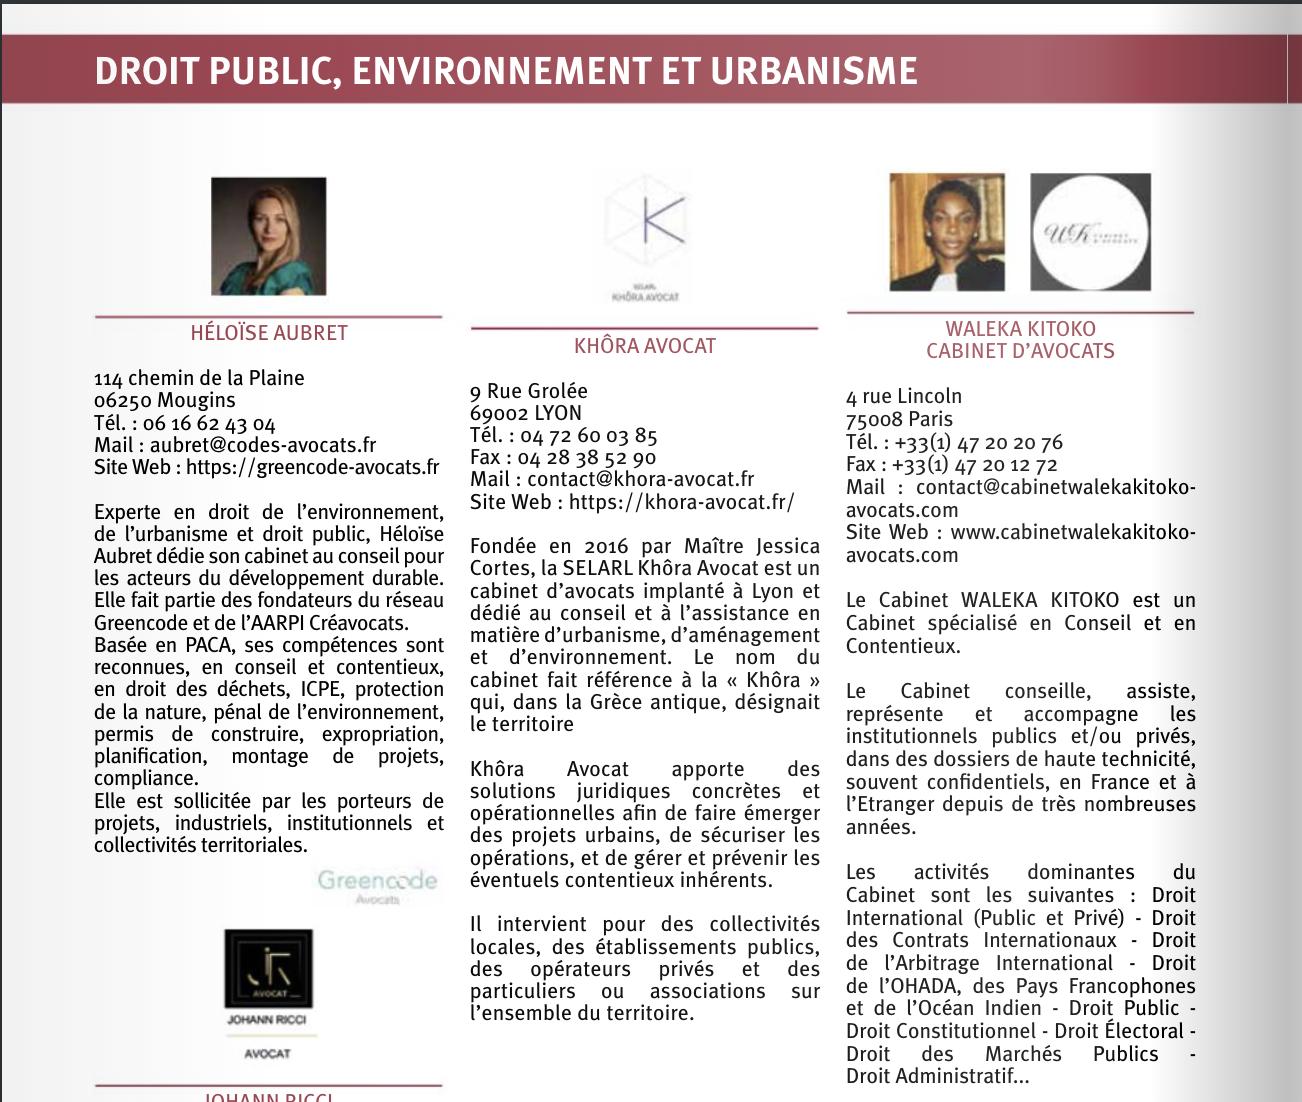 Extrait du Journal du Management Juridique spécial Droit public, Environnement et Urbanisme, n°79, décembre 2020